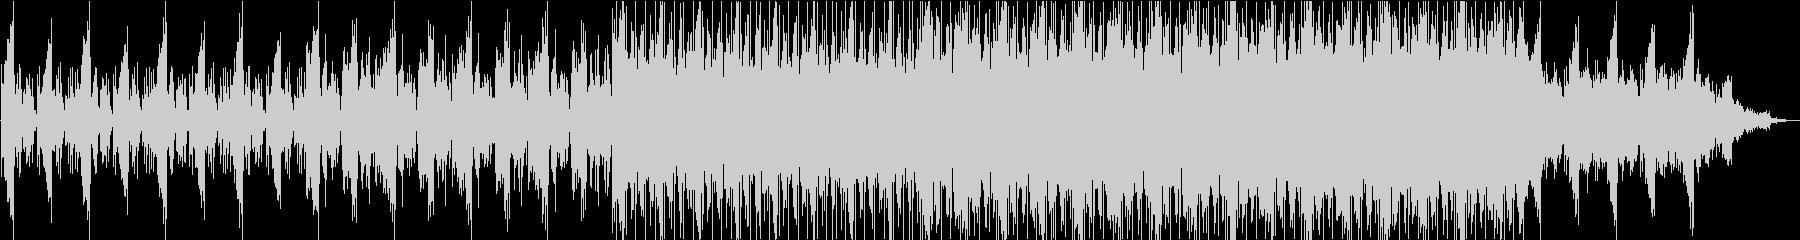 ホラー、緊迫した場面などに合う曲の未再生の波形